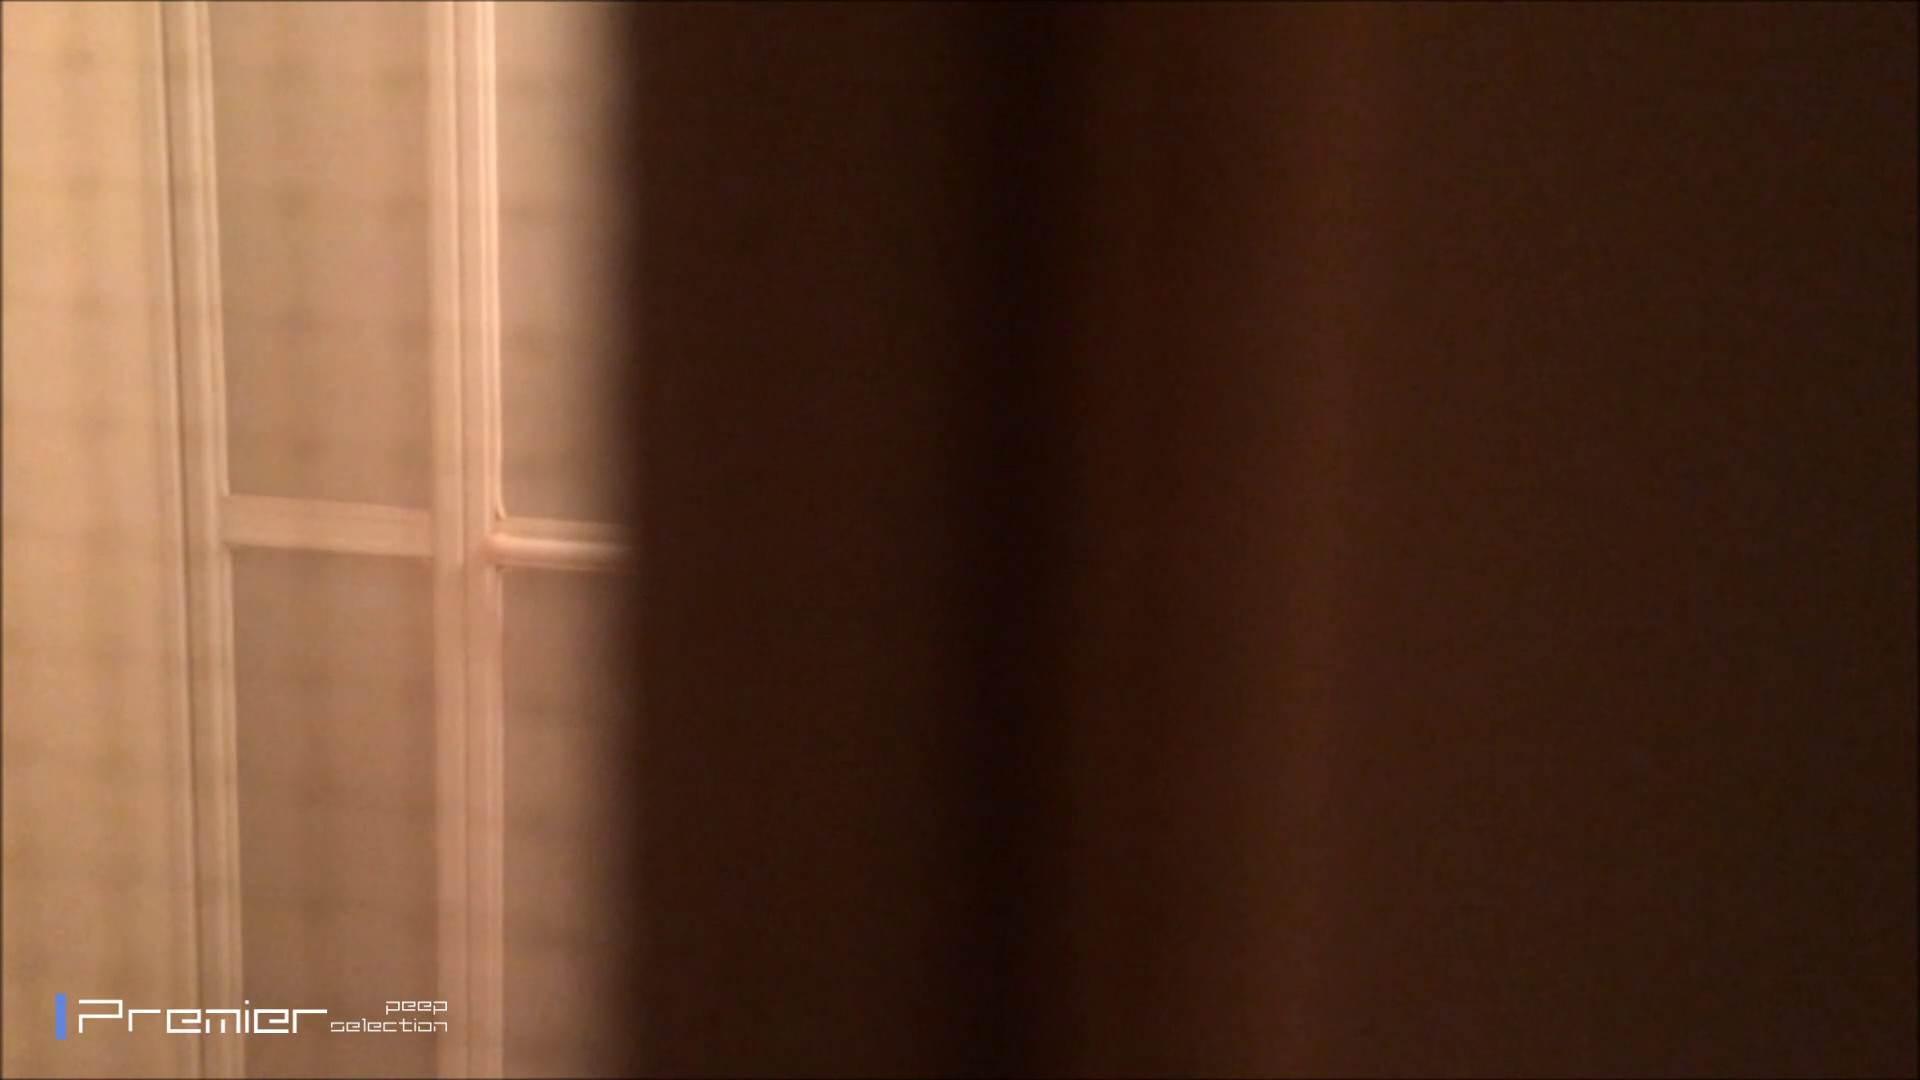 シャワーのお湯を跳ね返すお肌 乙女の風呂場 Vol.03 シャワー すけべAV動画紹介 78PIX 10